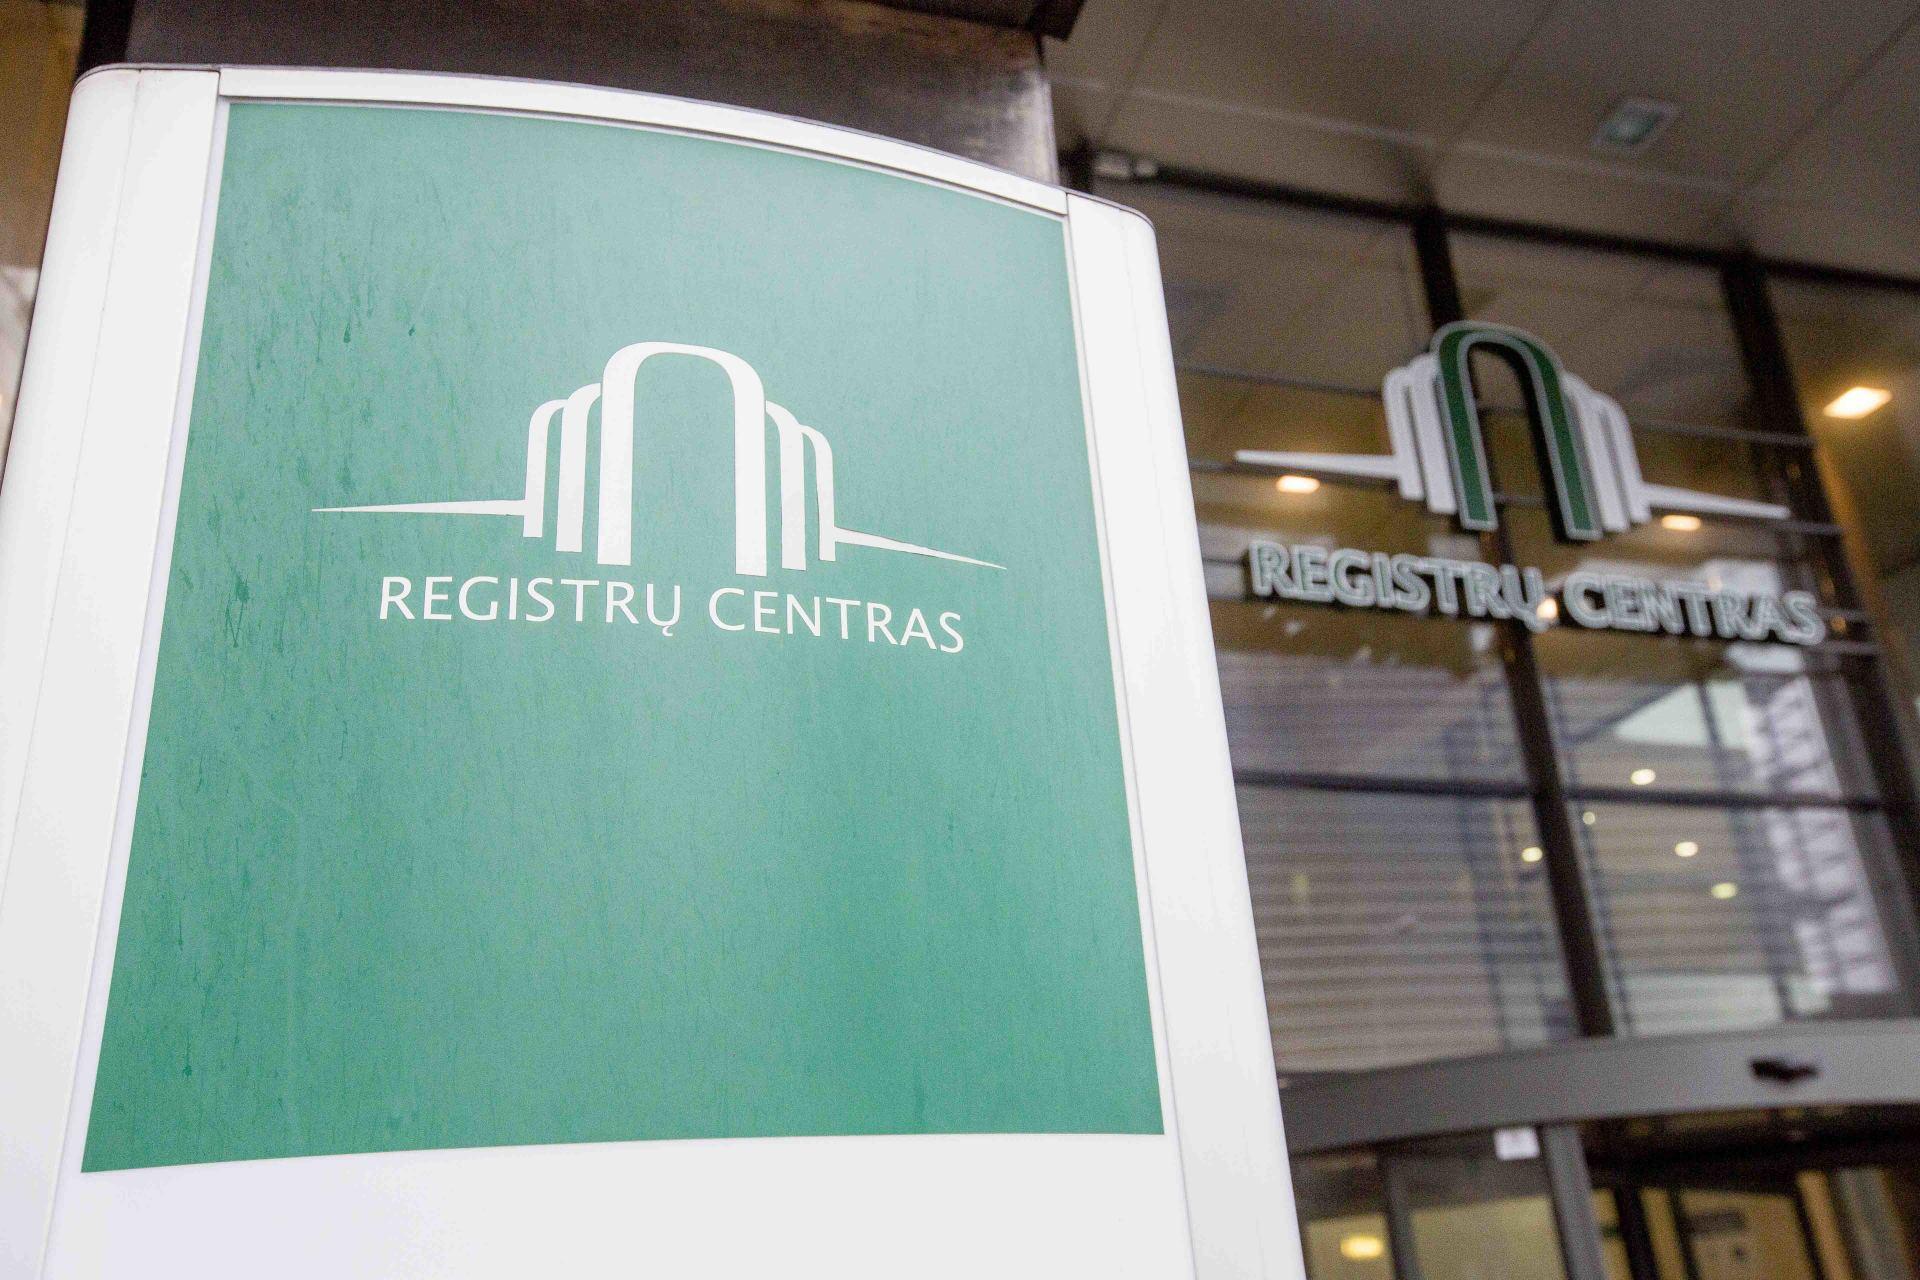 centrinė prekybos registrų sistema)